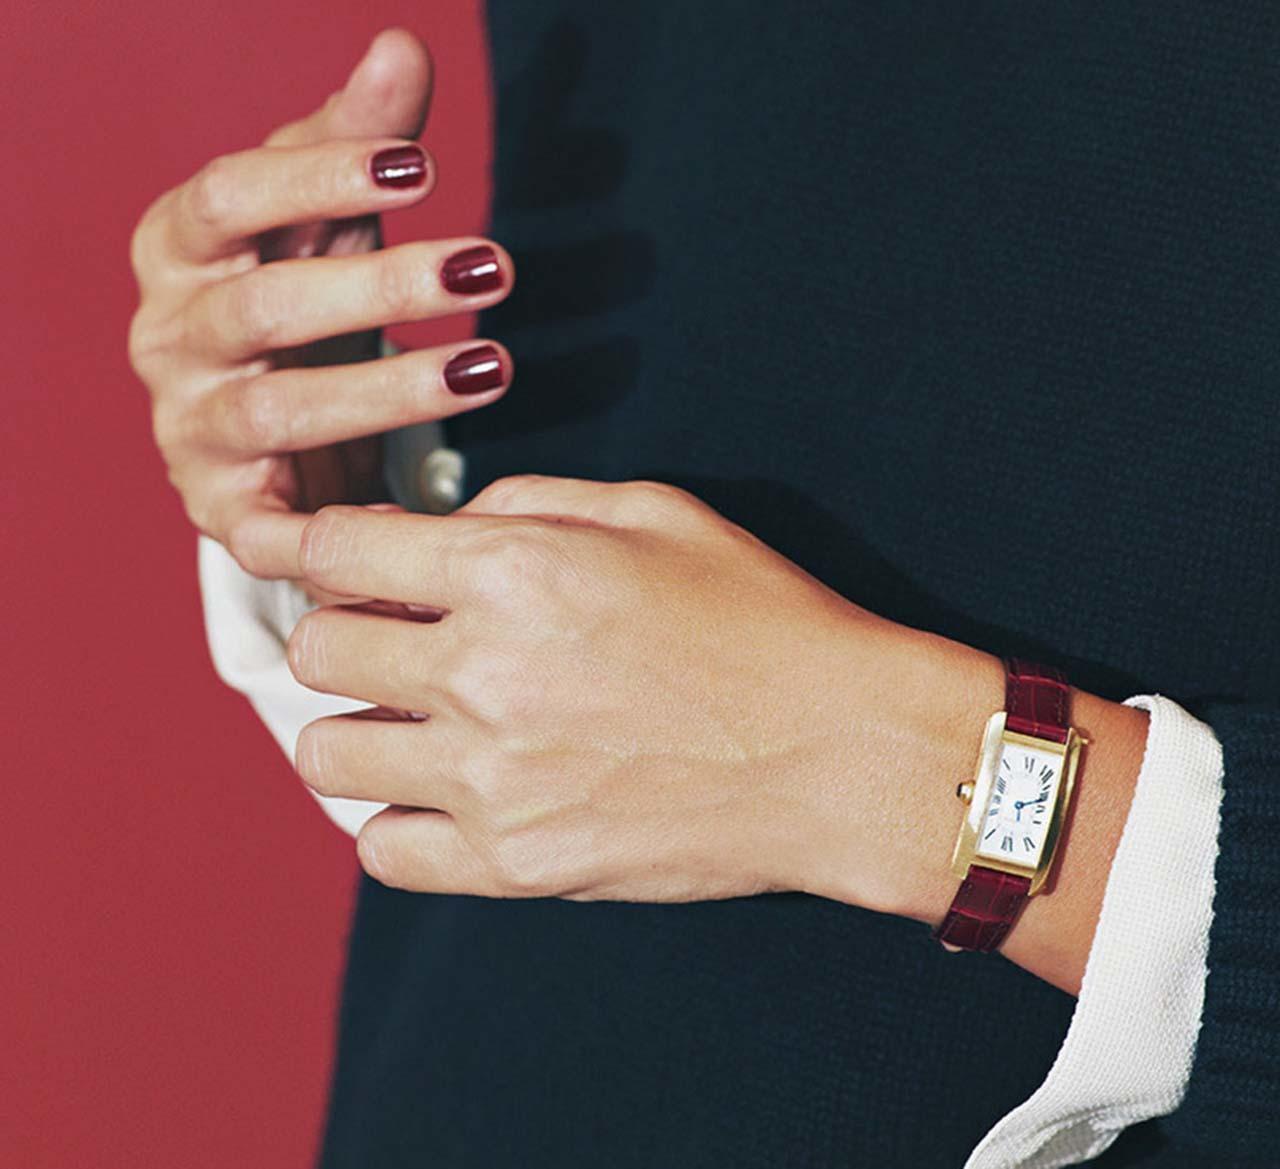 カルティエの腕時計をしたモデルの竹下玲奈さん